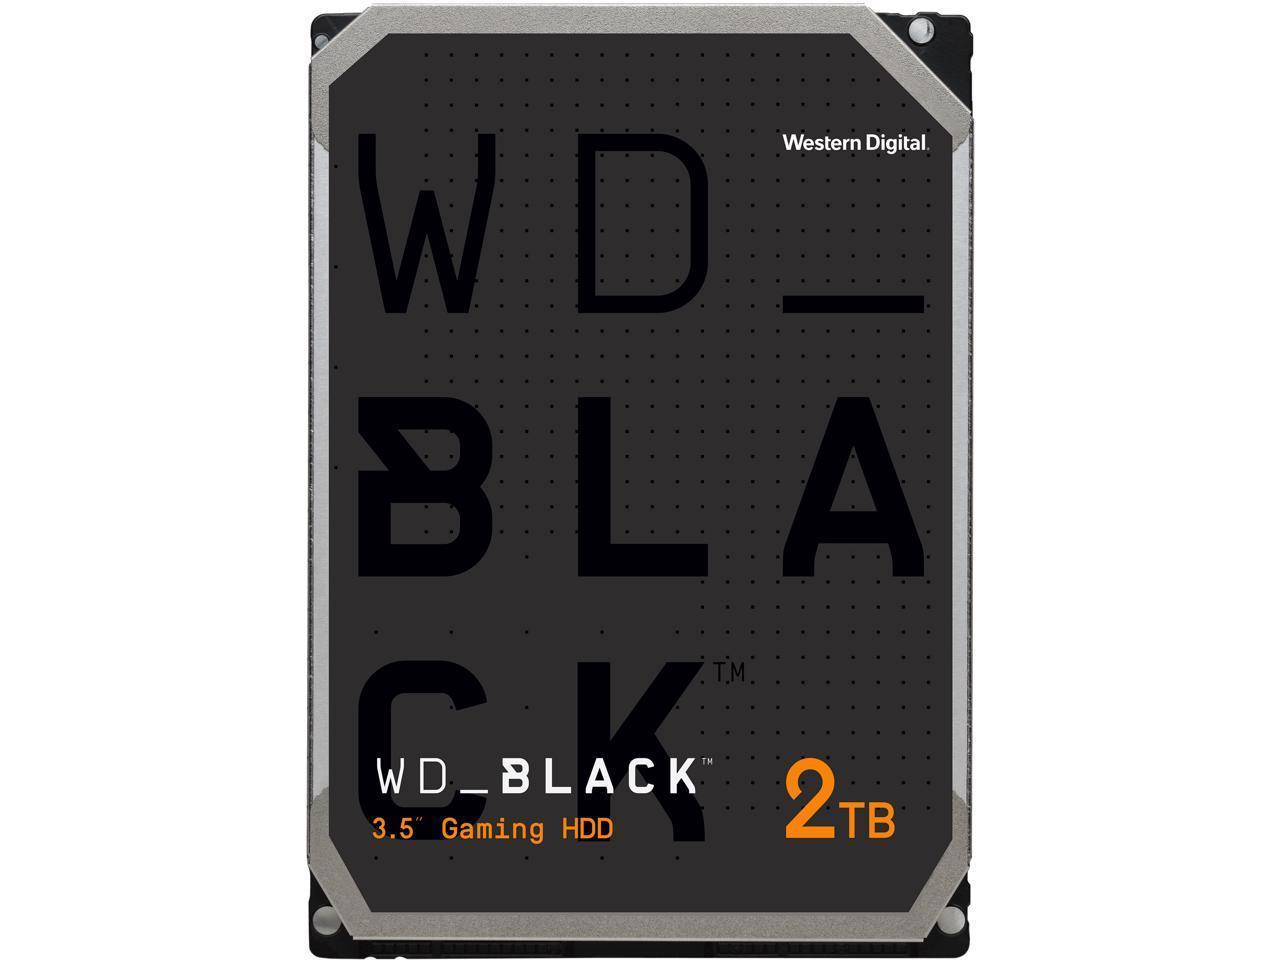 Хард диск WD Black, 2TB, 7200rpm, 64MB, SATA 3, WD2003FZEX-2